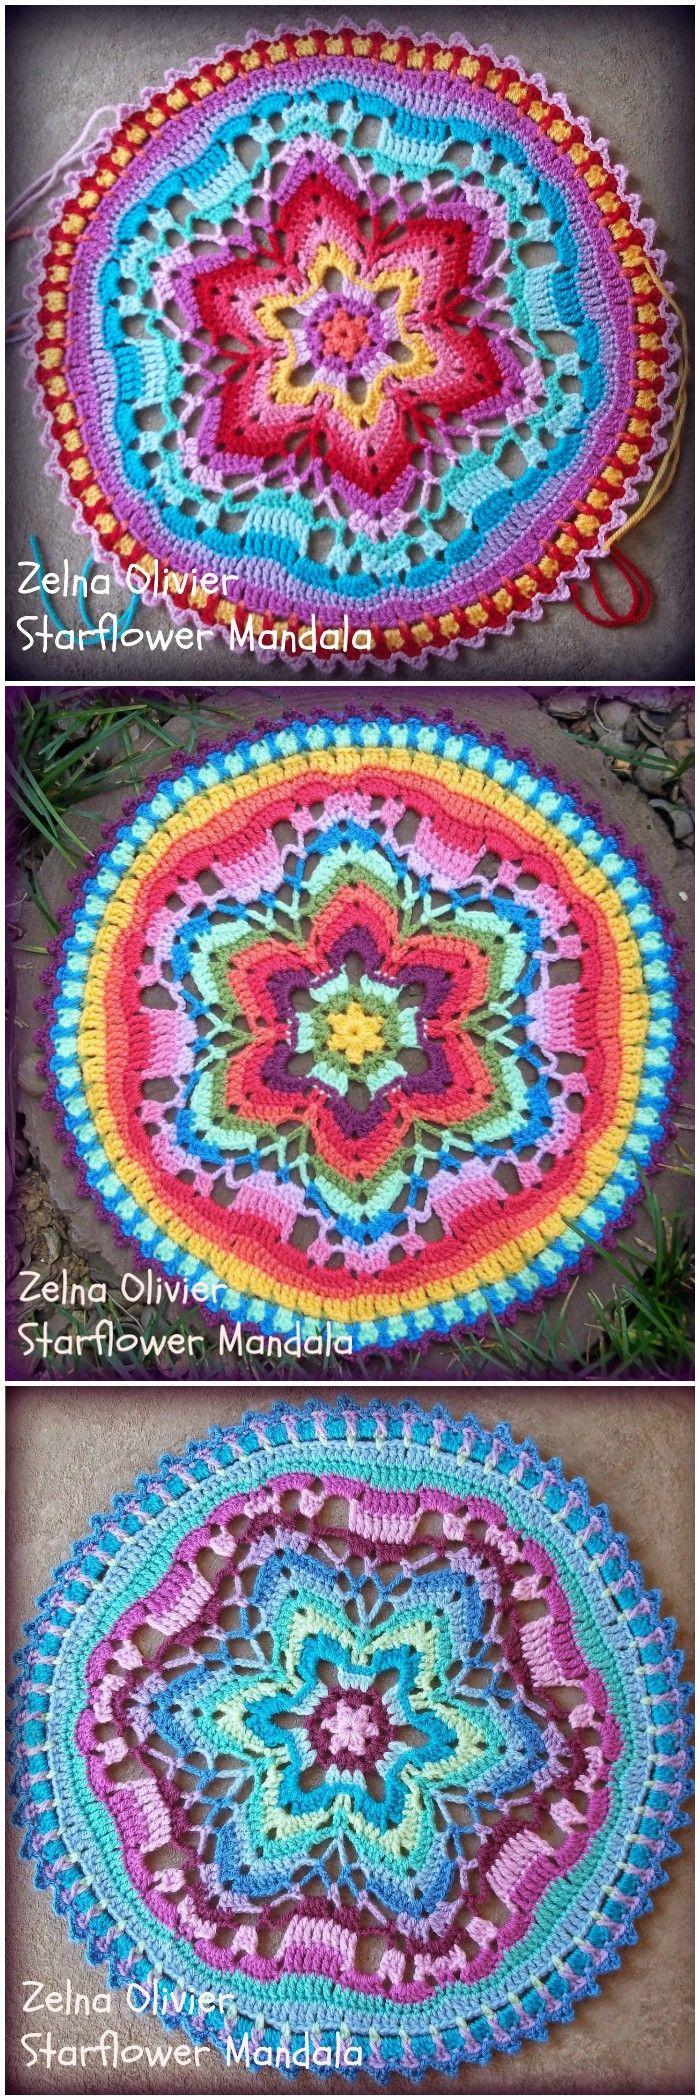 30 Crochet Mandala Patterns - Free Crochet Patterns #crochetmandalapattern